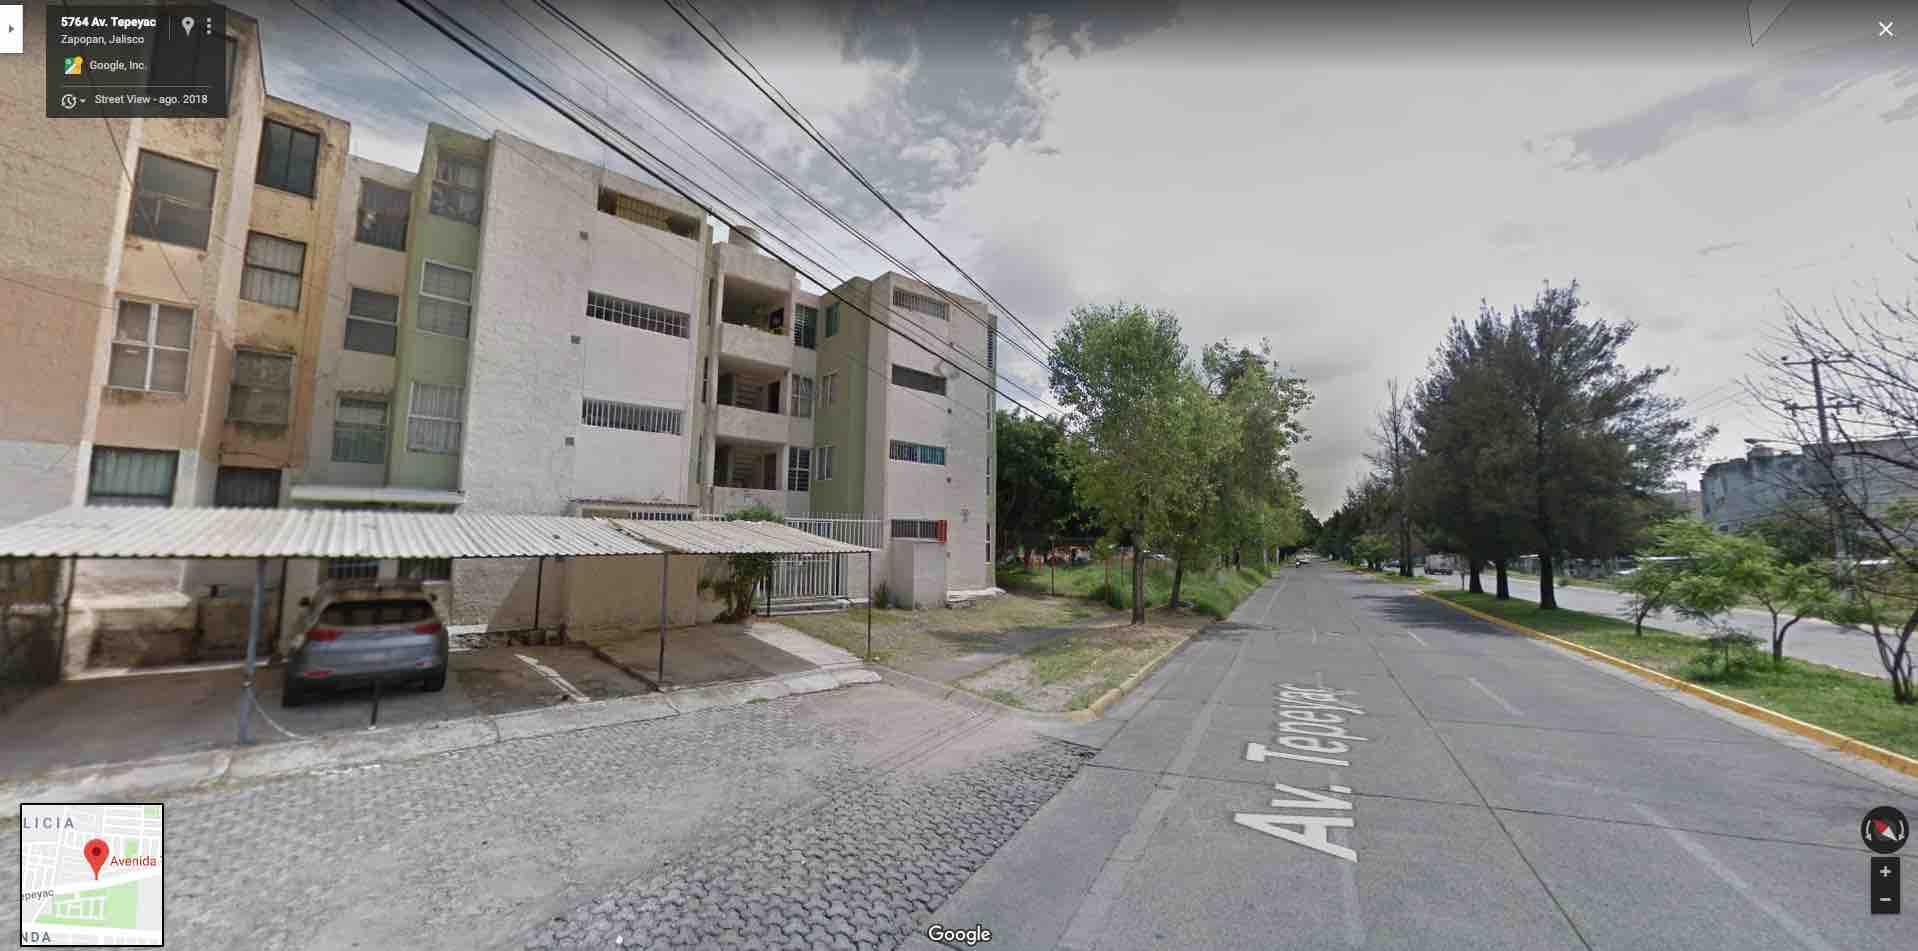 Fracc. Residencial Plaza Guadalupe, Av. Tepeyac 5591, Depto. 8, Cond. 9; C.P. 45030 Zapopan, Jal.